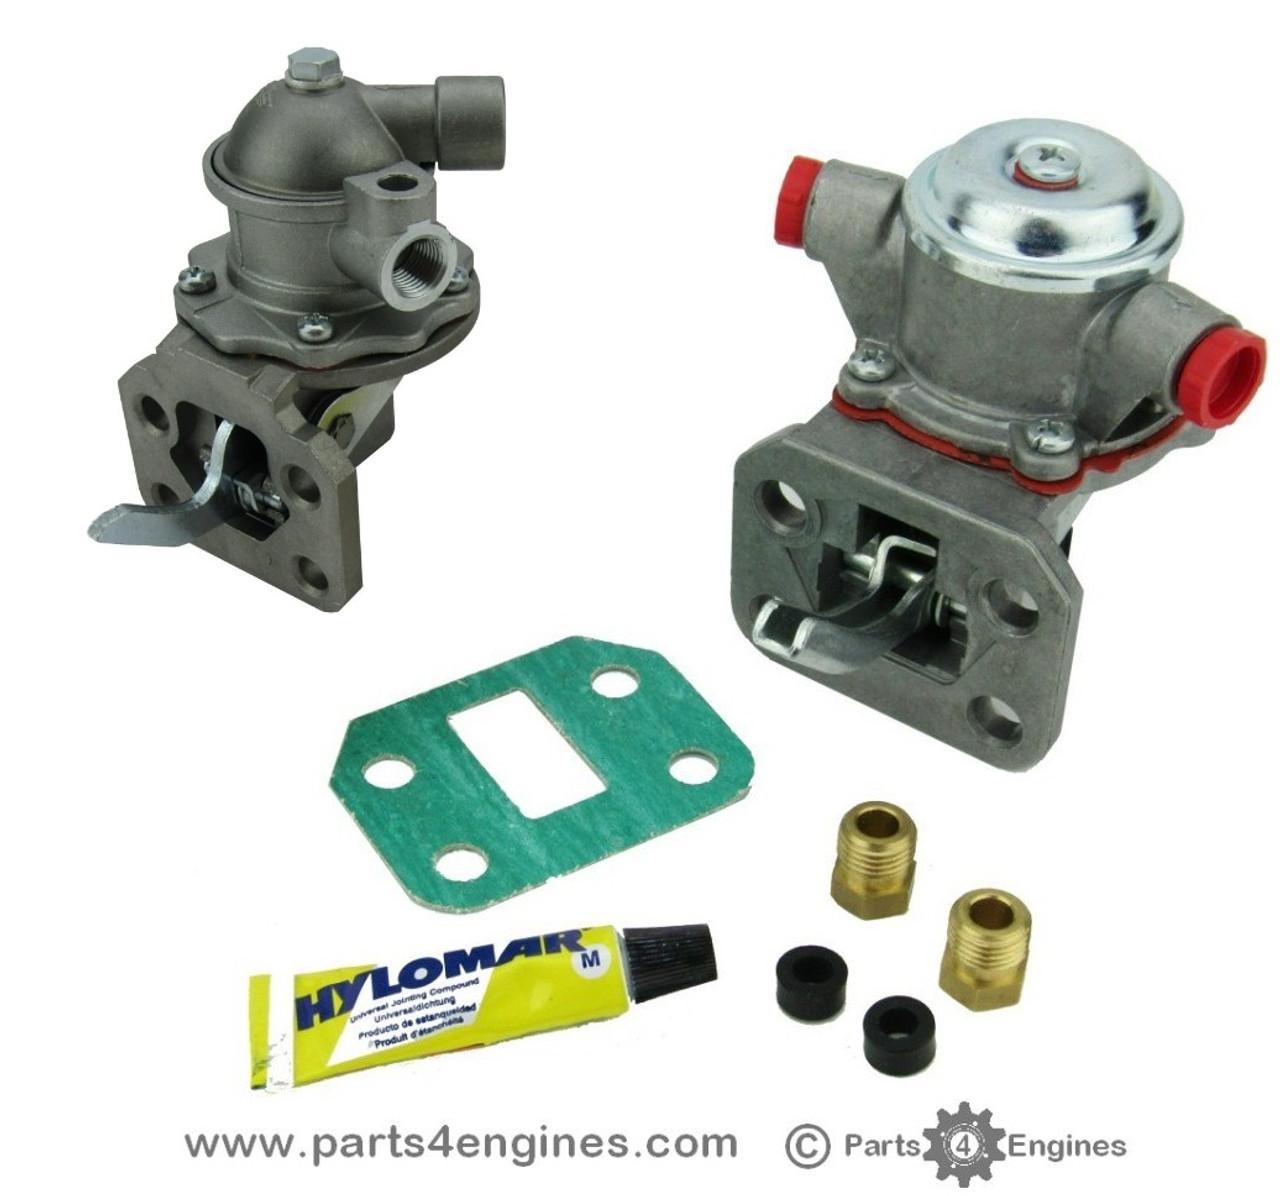 Perkins Phaser 1004 Fuel Lift Pump